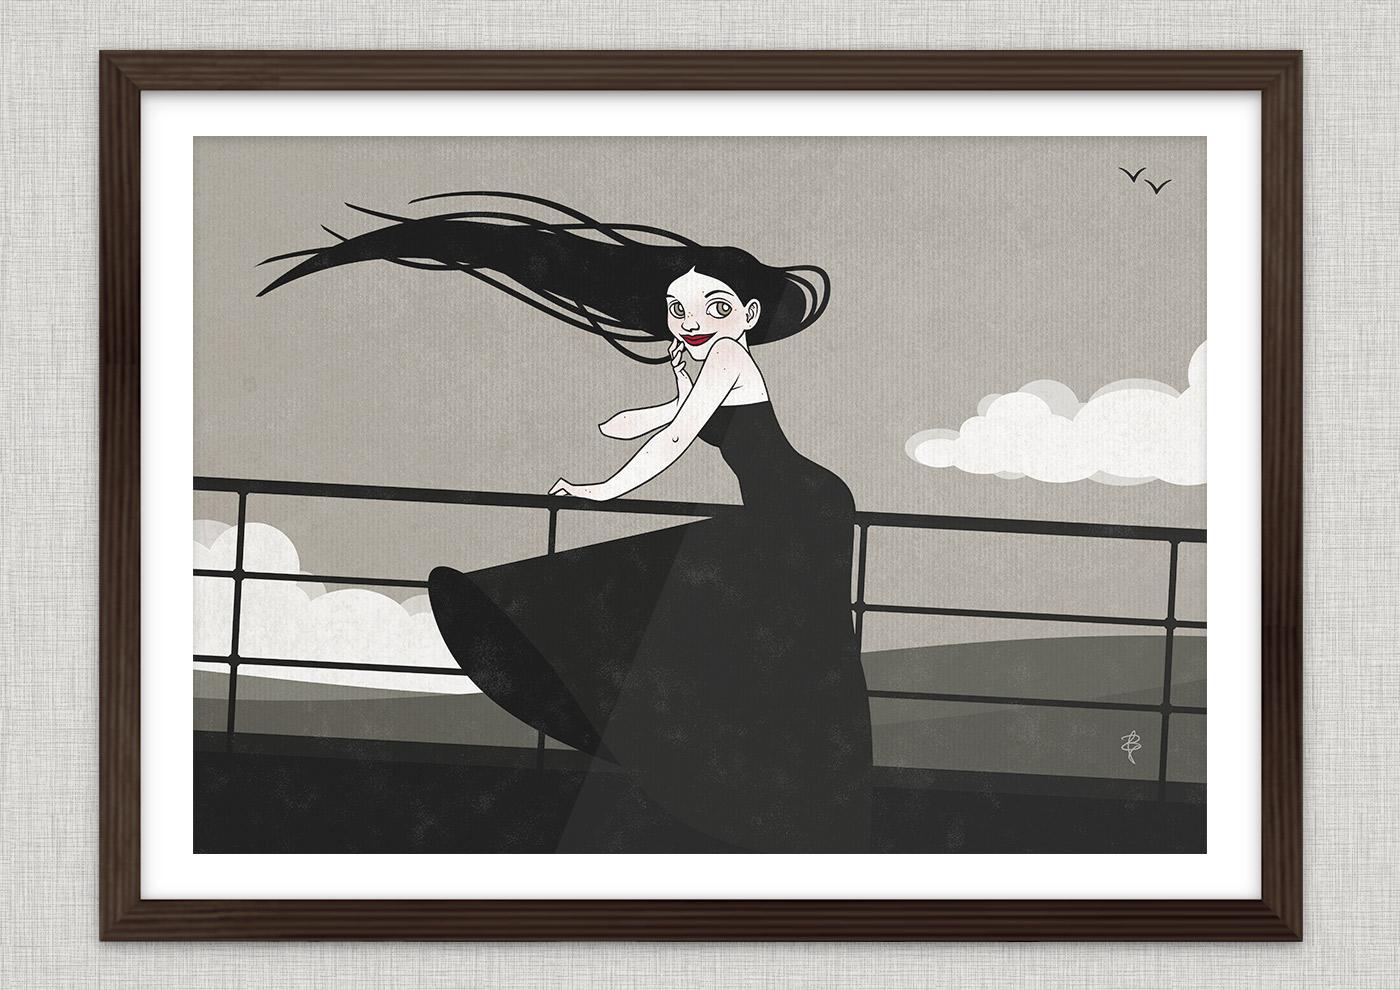 Poster von der Zeichnung mit Tusche und Collage von einem koketten Mädchen im Sturm an der Relings an Bord eines Ozeandampfers oder Schiffs auf See mit hohen Wellen als Seestück